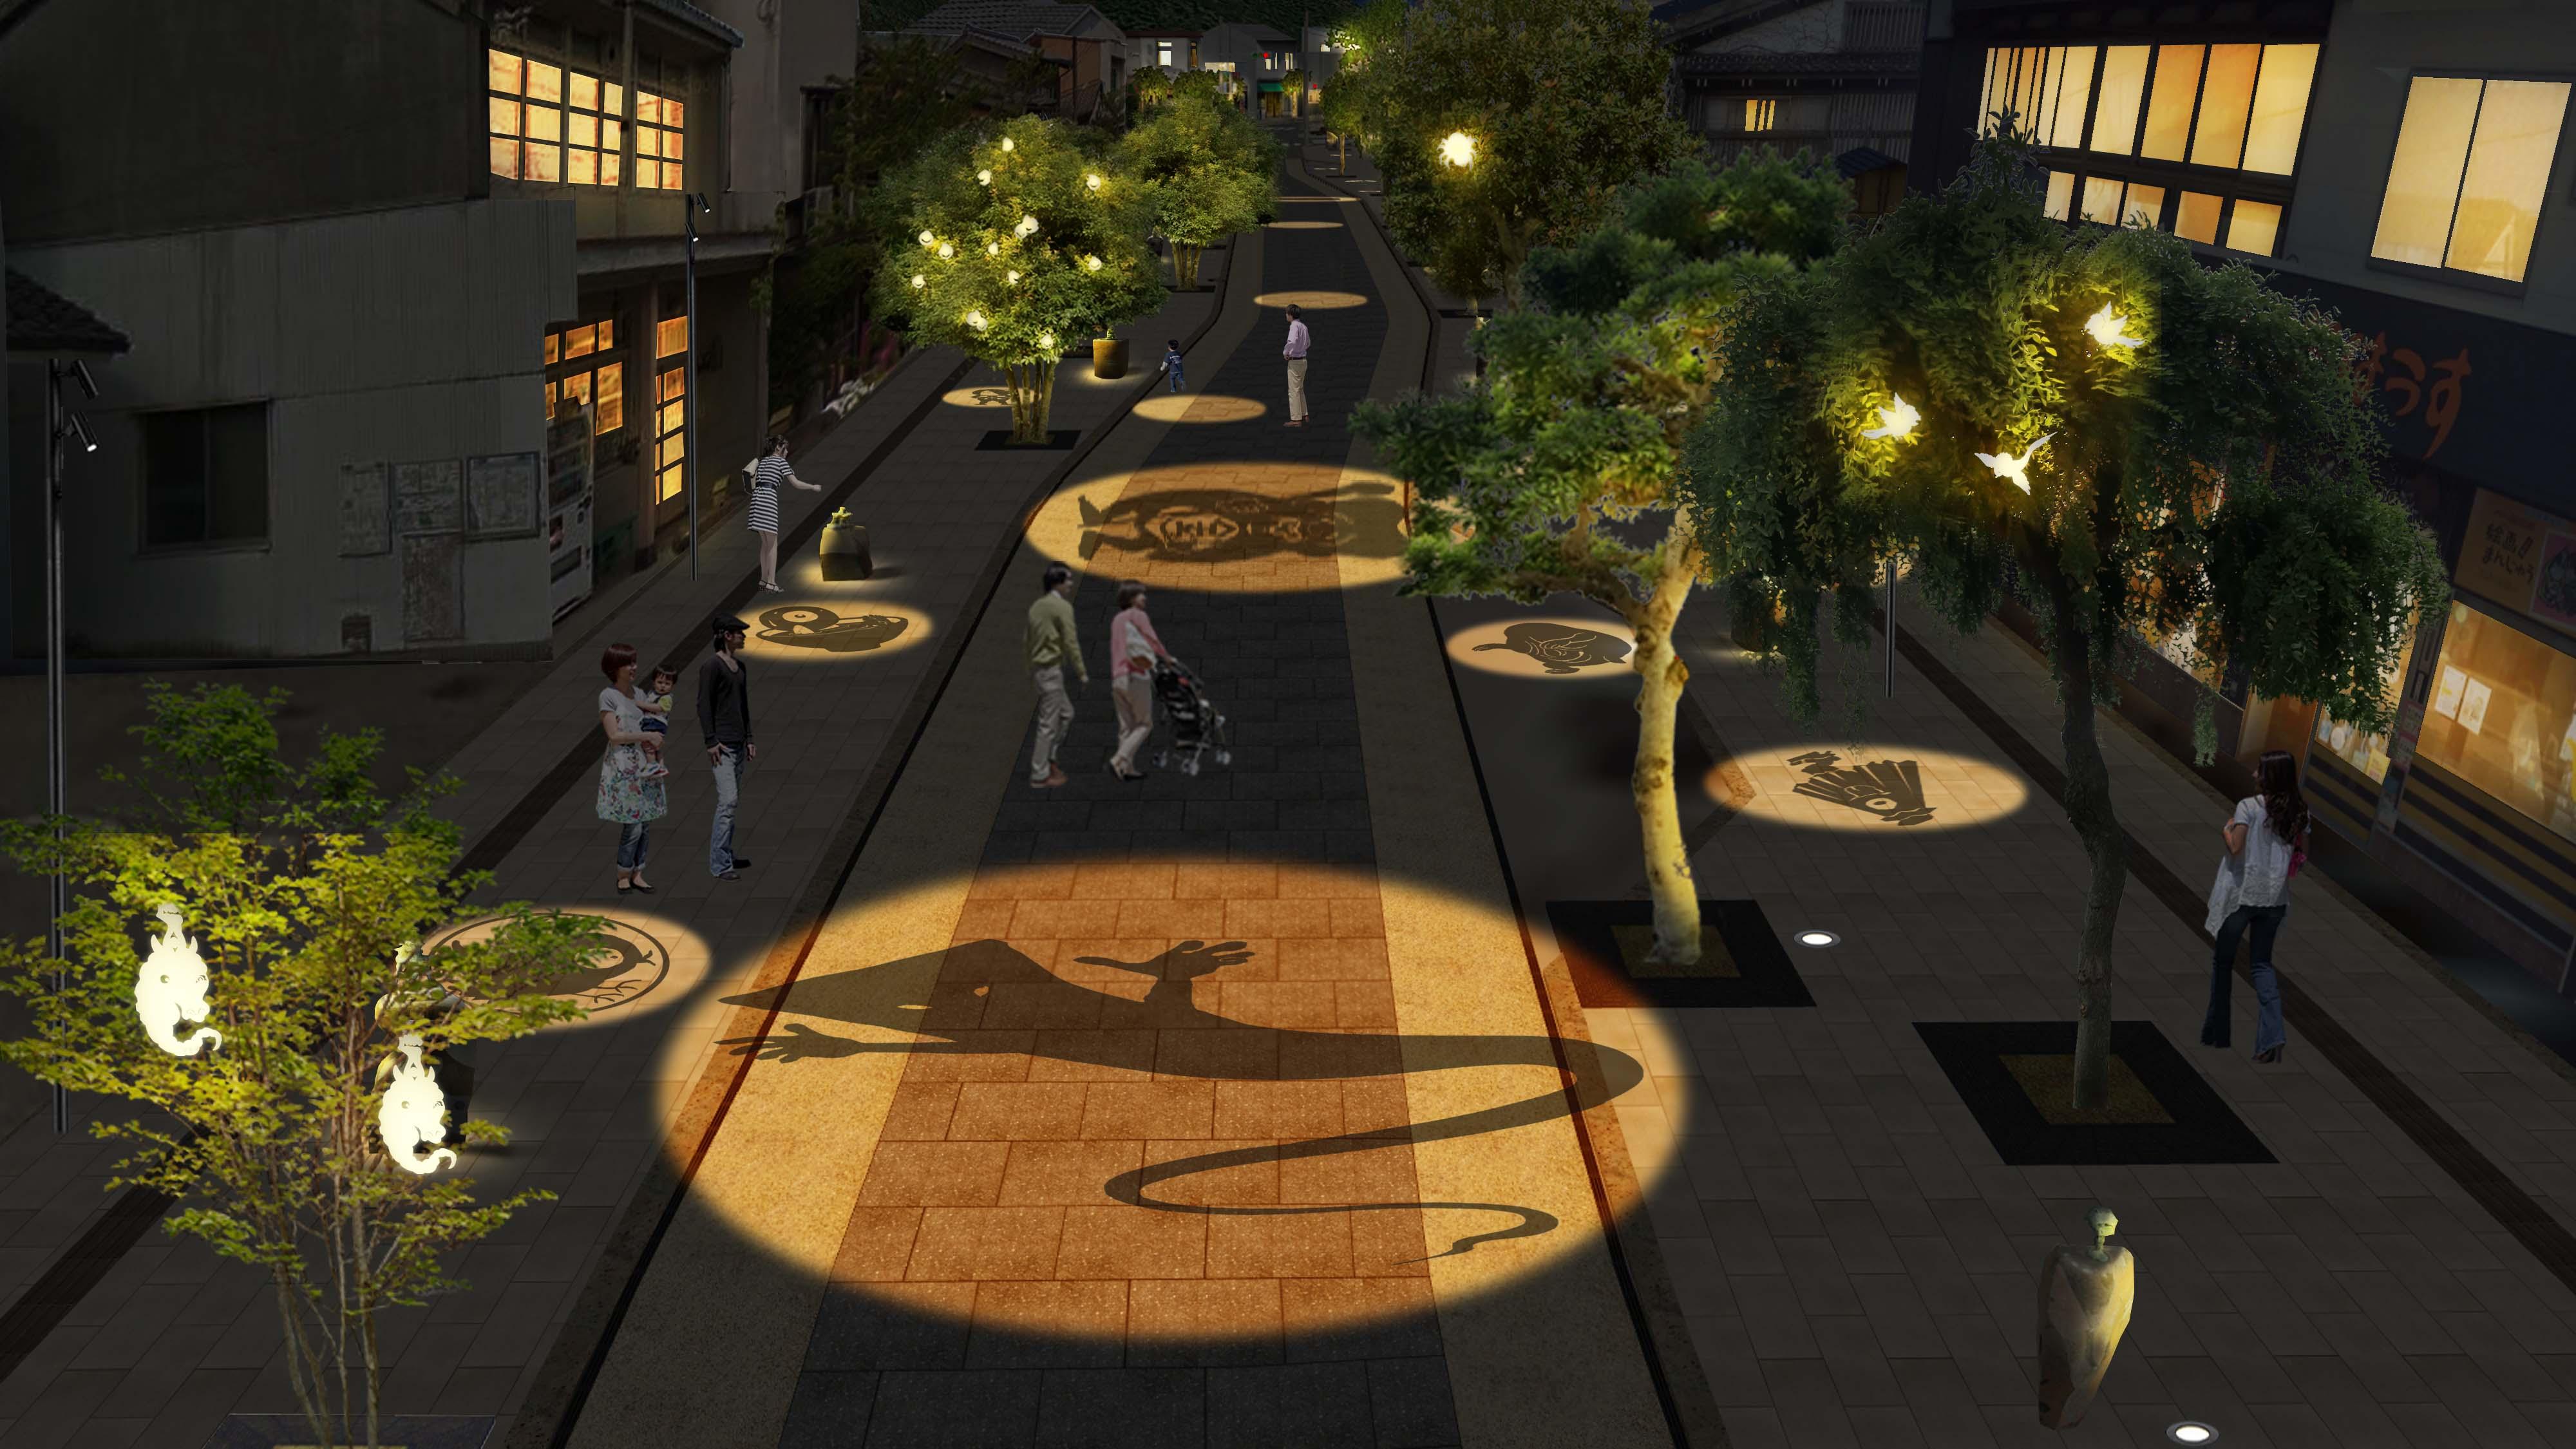 夜は妖怪のライトアップで恐怖が倍増!? 鳥取県の「水木しげるロード」がリニューアル